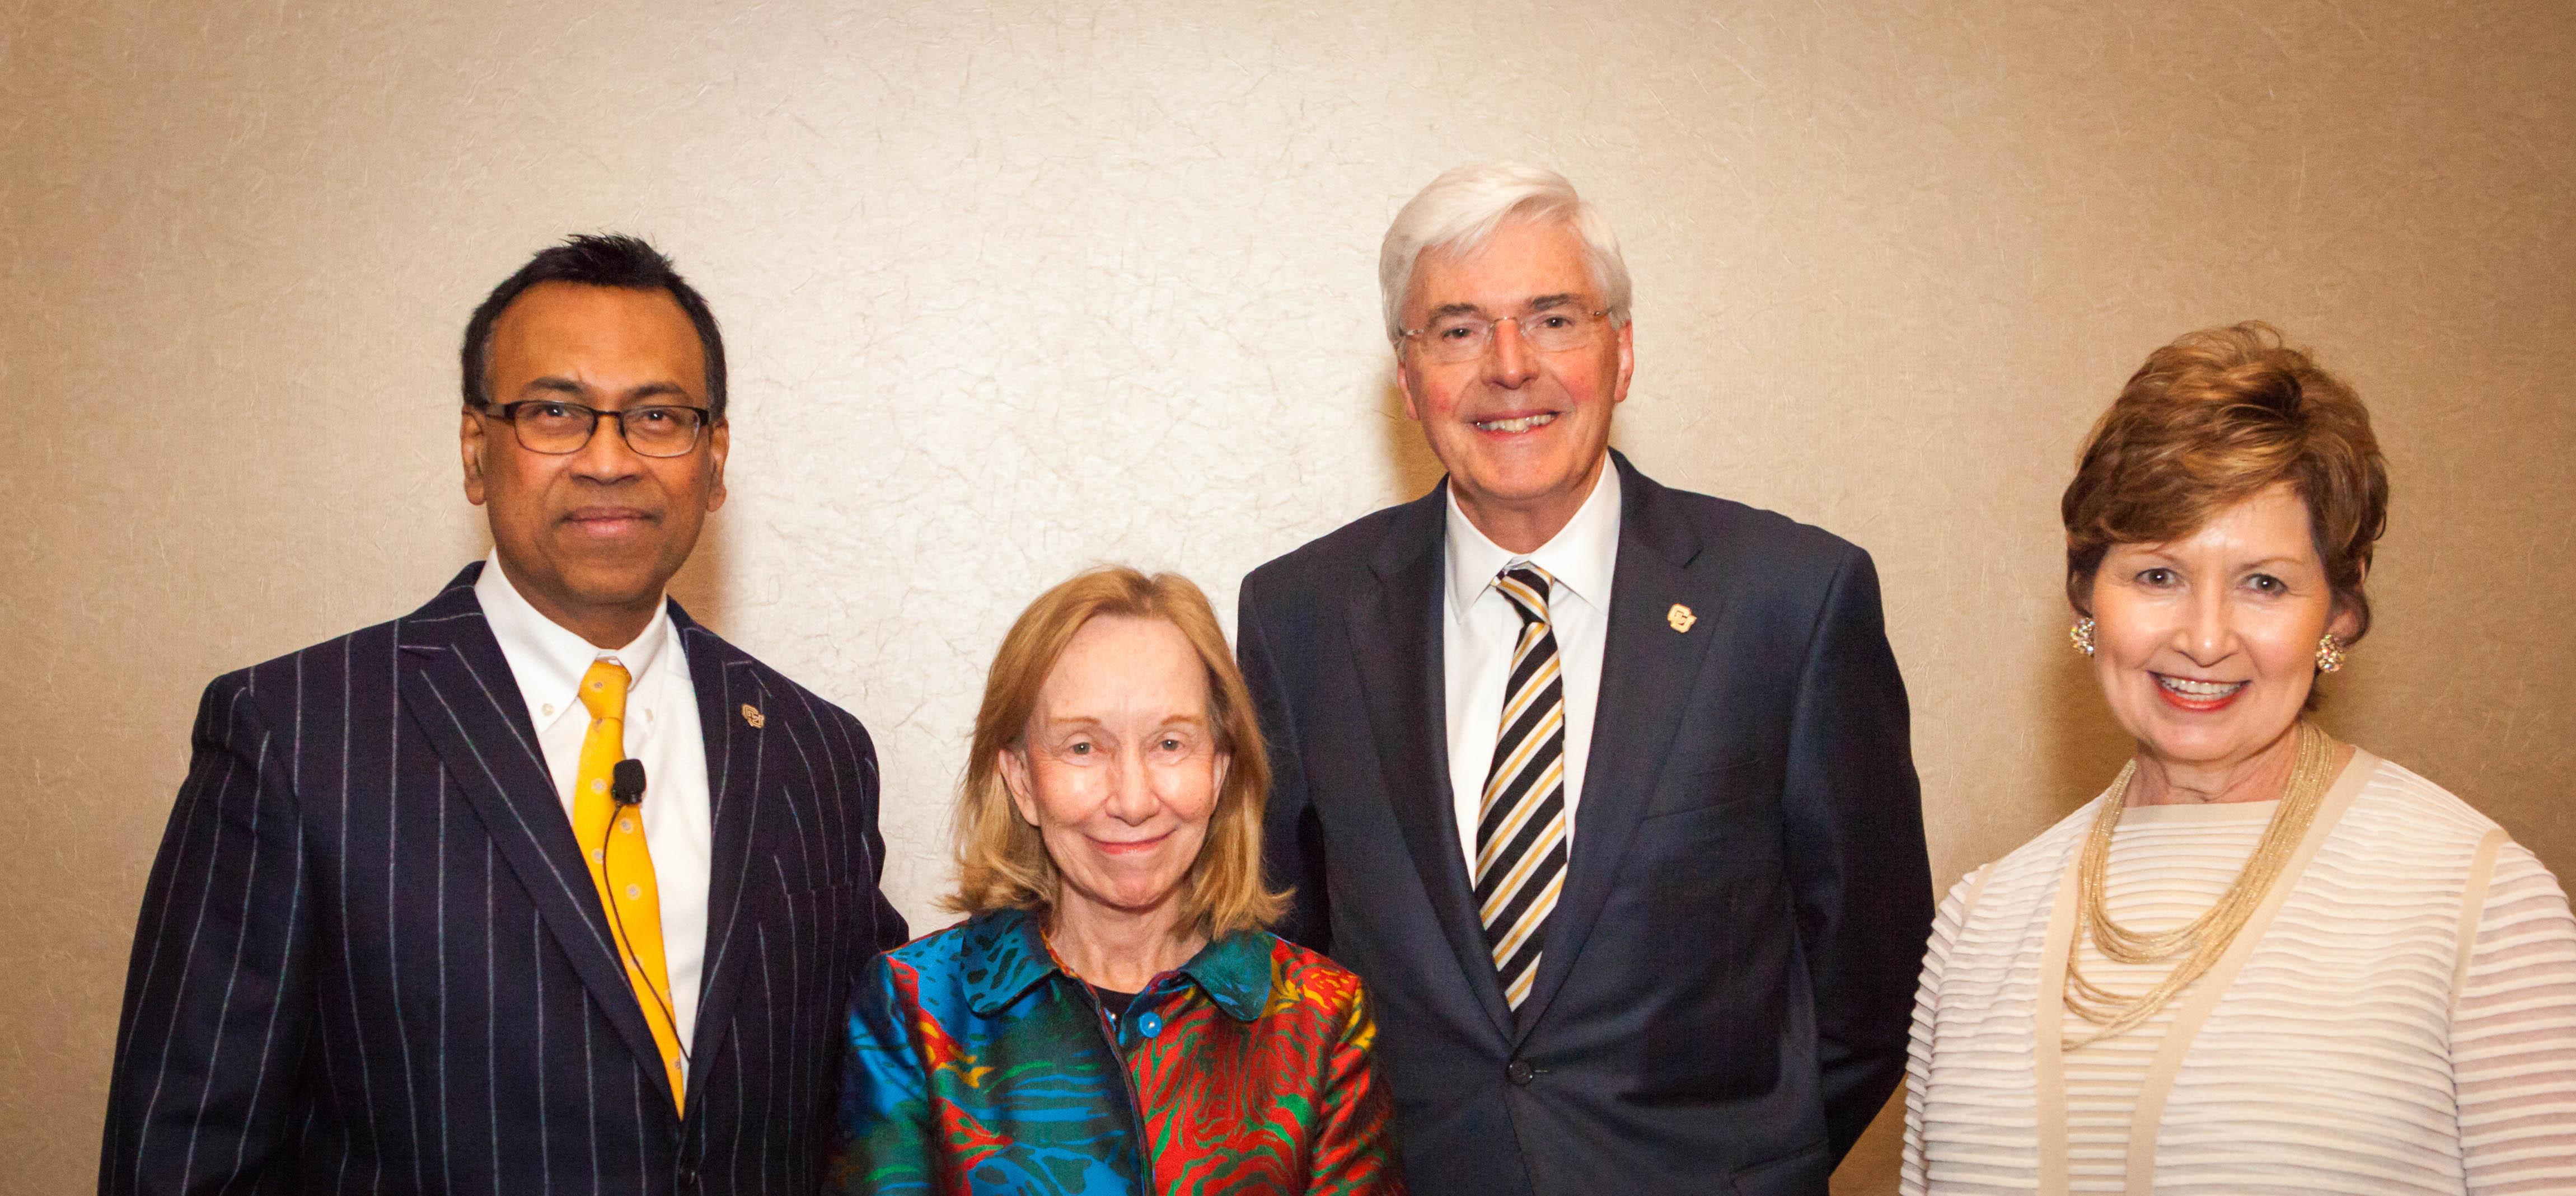 CU Denver leaders and Doris Kearns Goodwin